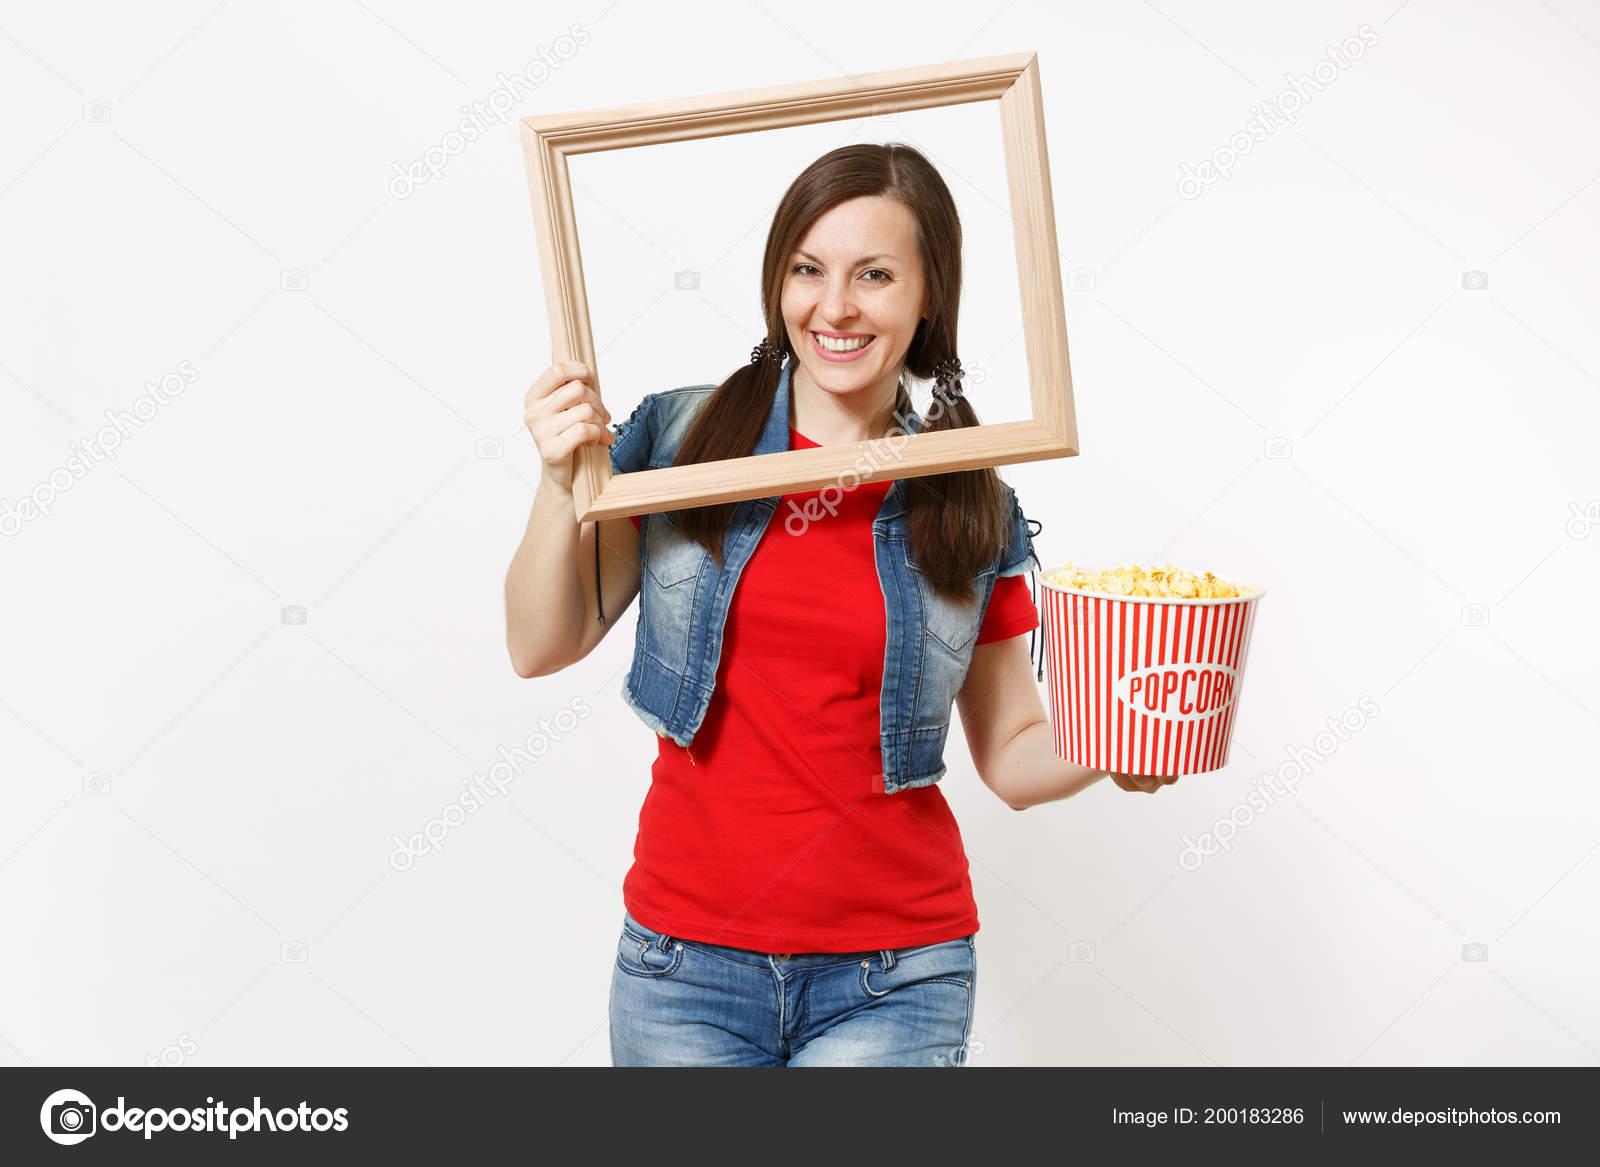 Retrato Joven Sonriente Mujer Morena Atractiva Ropa Casual Ver ...